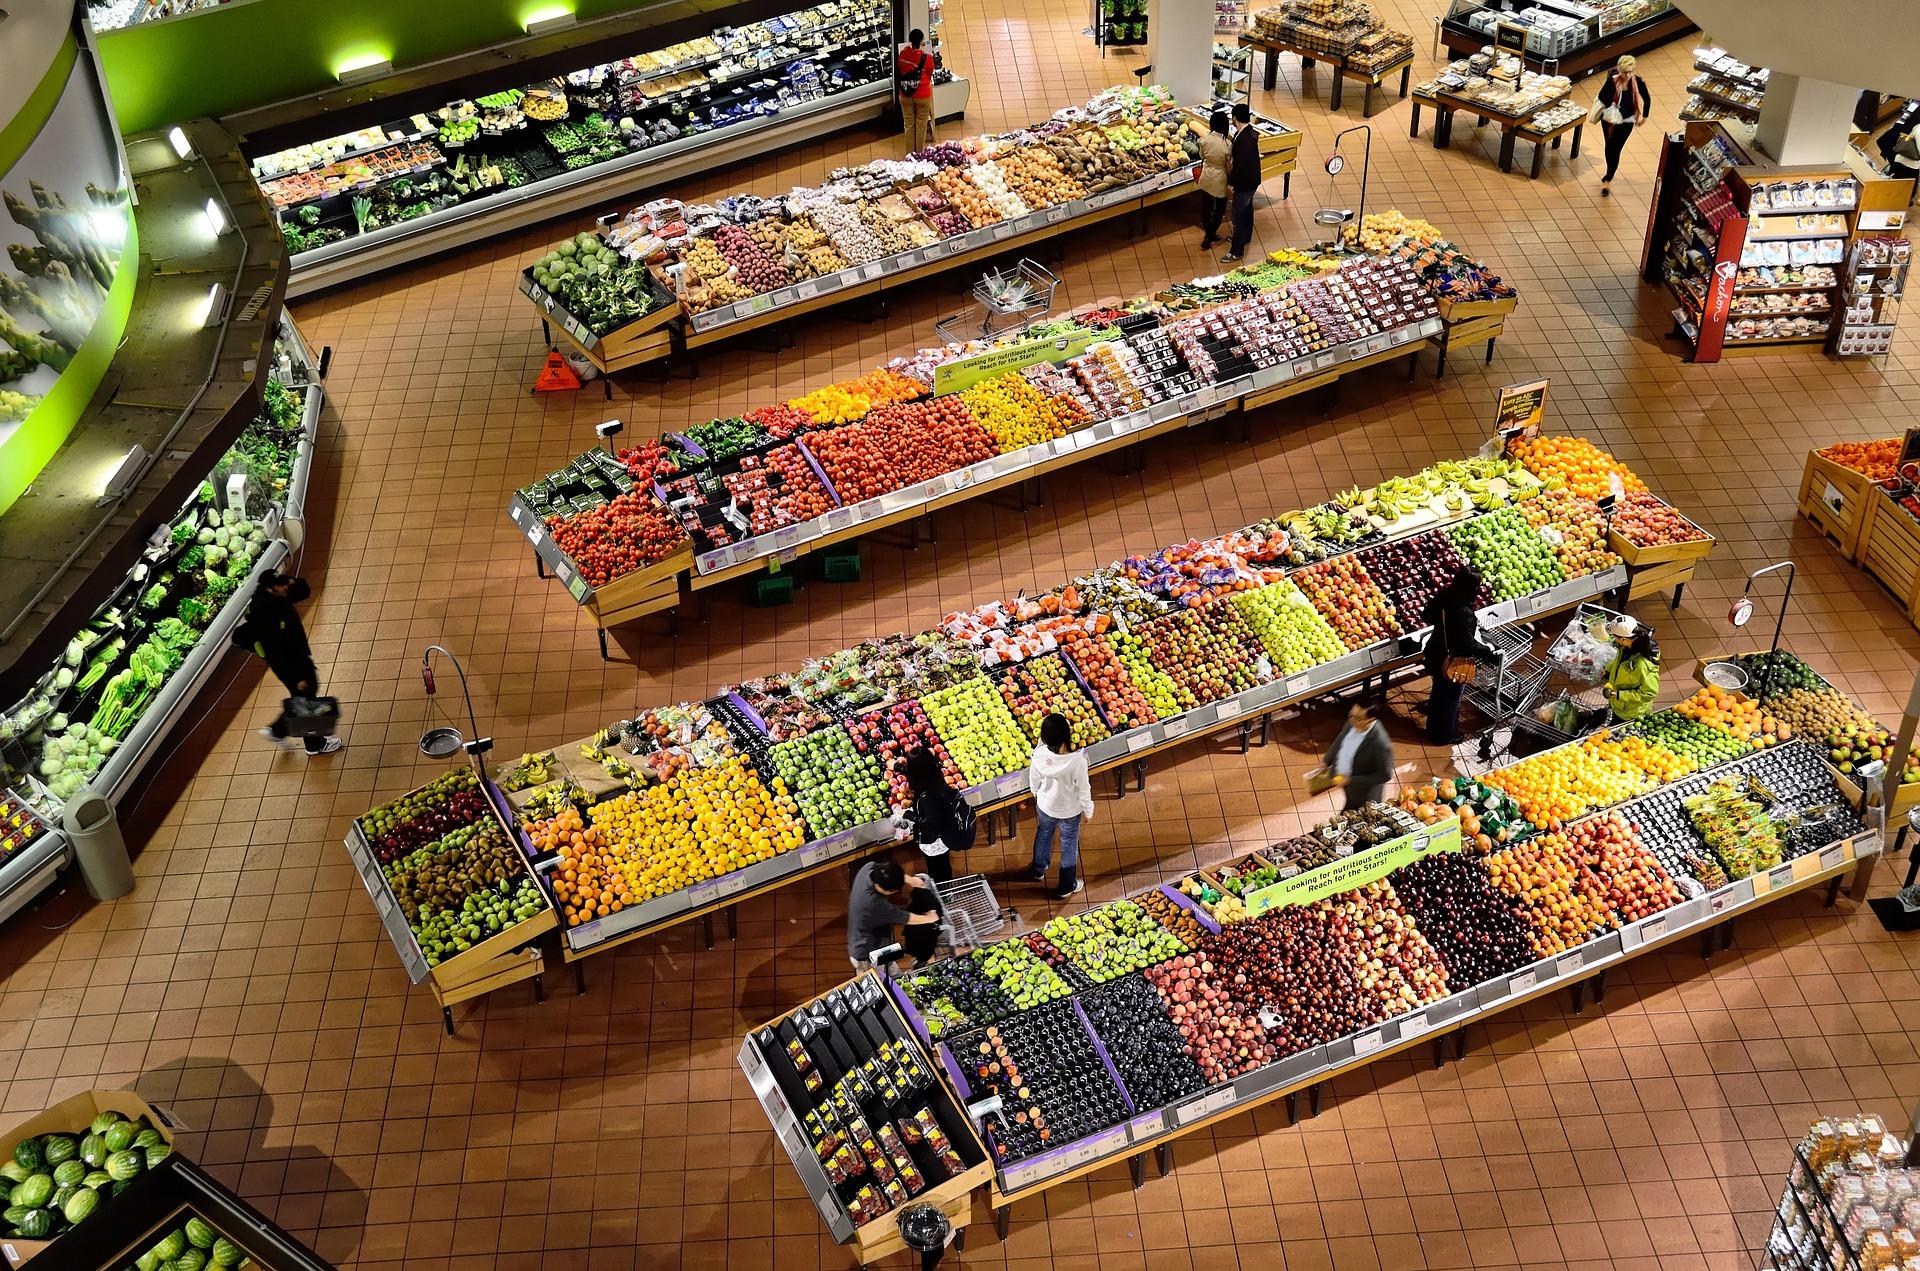 Brauchen wir tatsächlich so viel Geld für Lebensmittel?